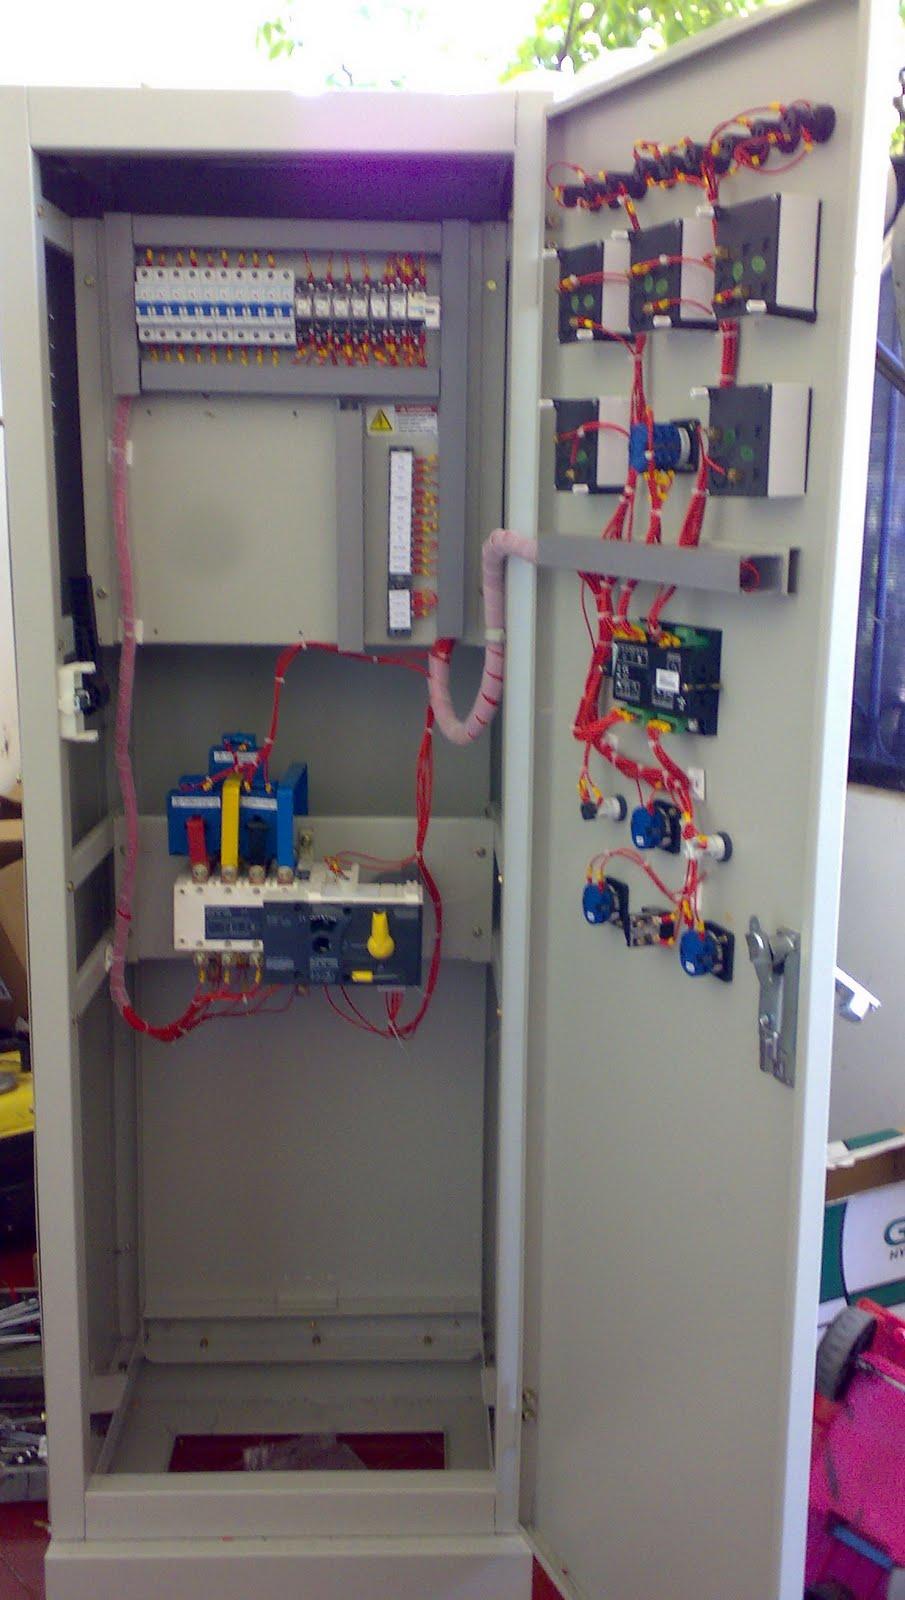 Pemilihan Jenis Modul Amf Automatic Main Failure Socomec Ats Wiring Diagram Panel 1000kva